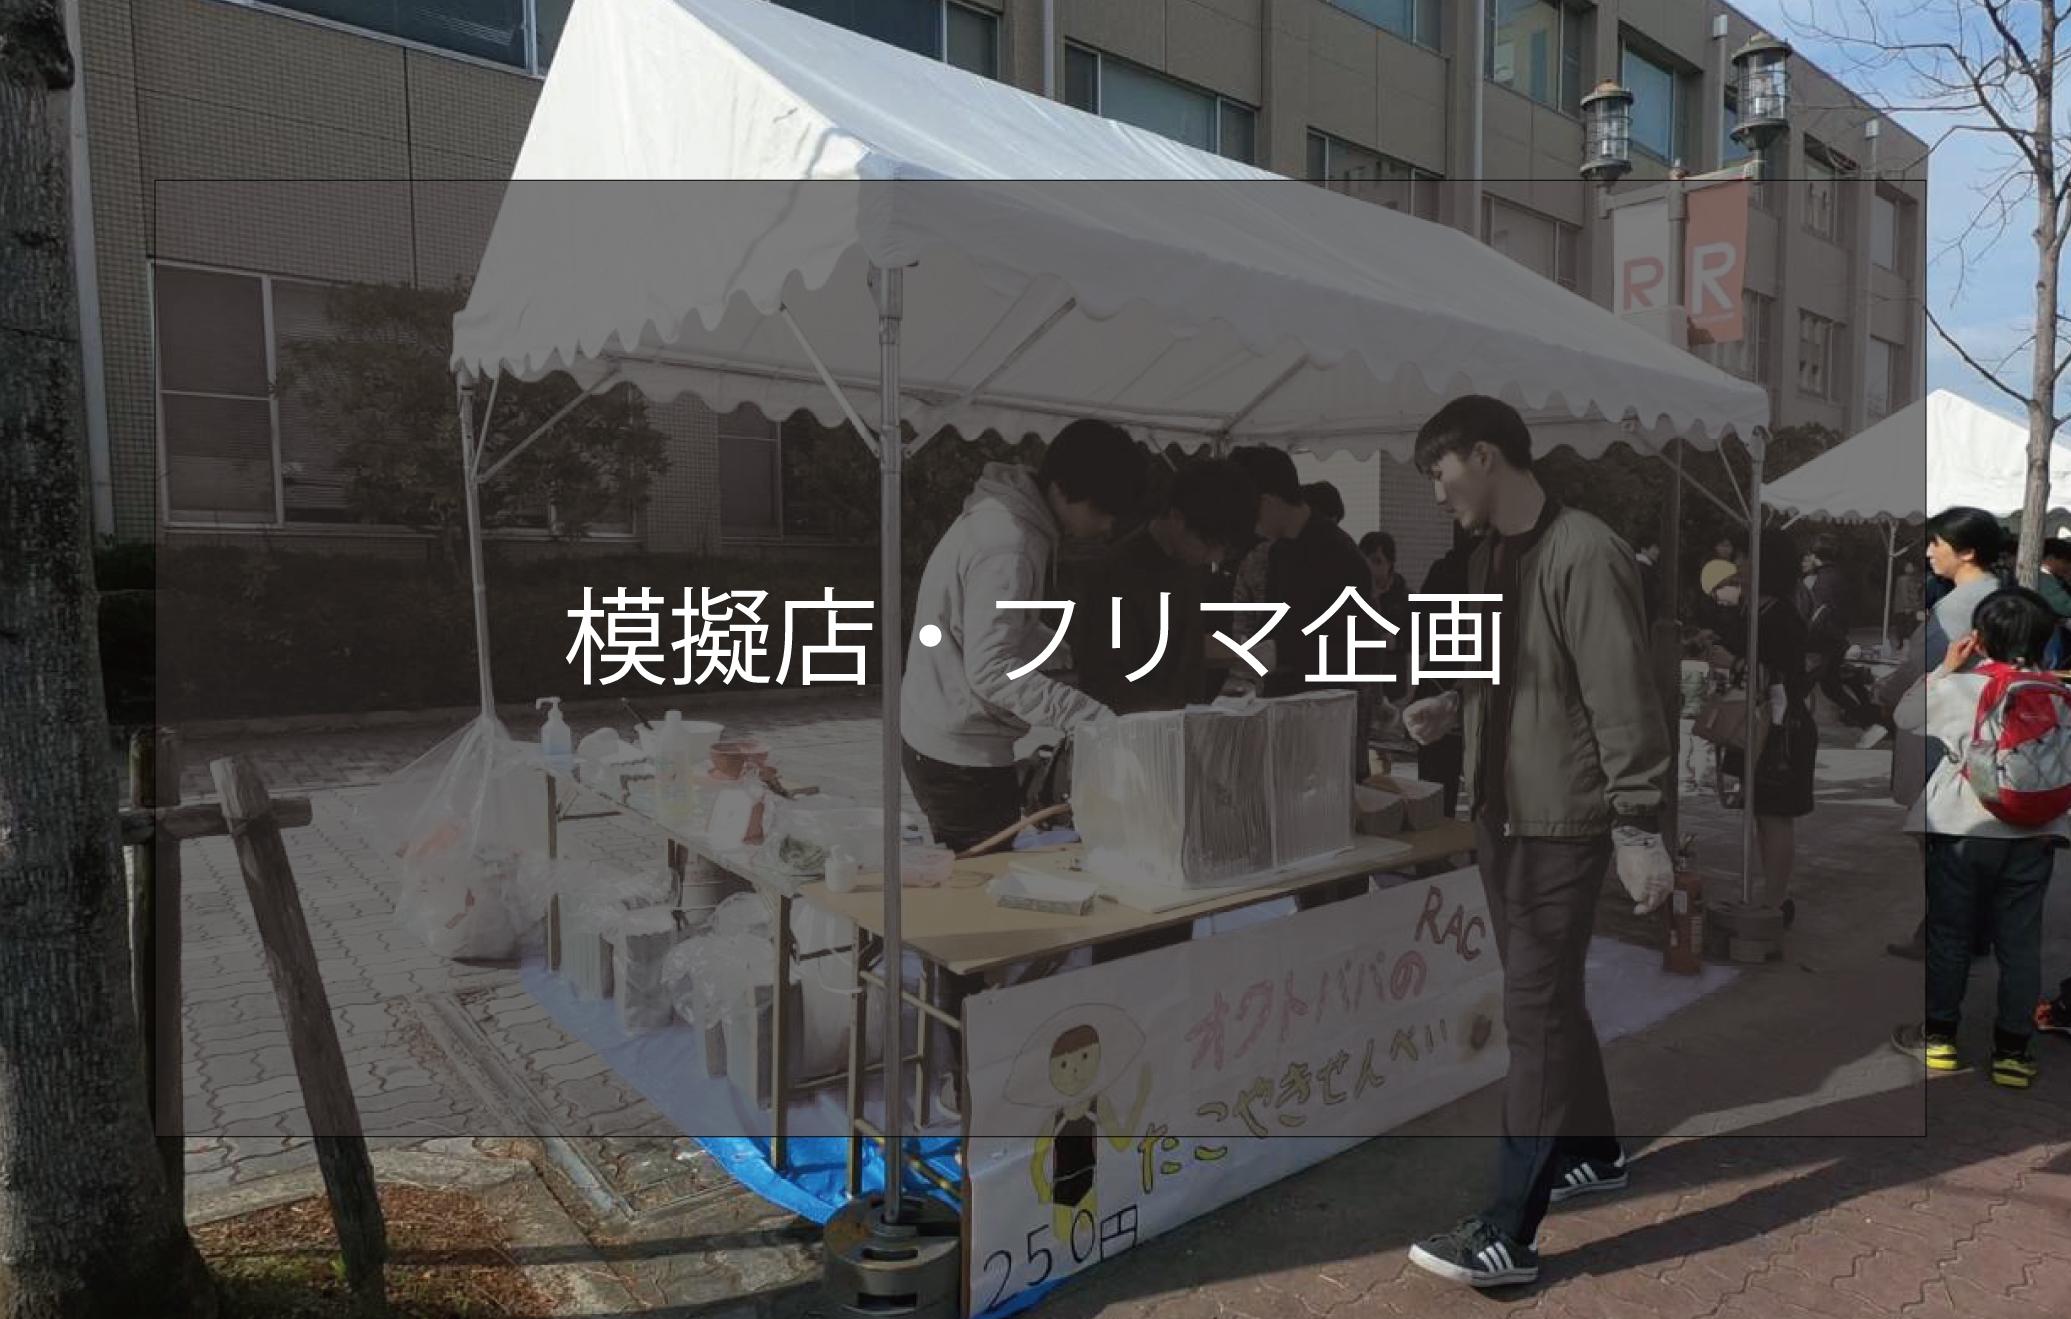 BKC祭典 模擬店・フリーマーケット企画